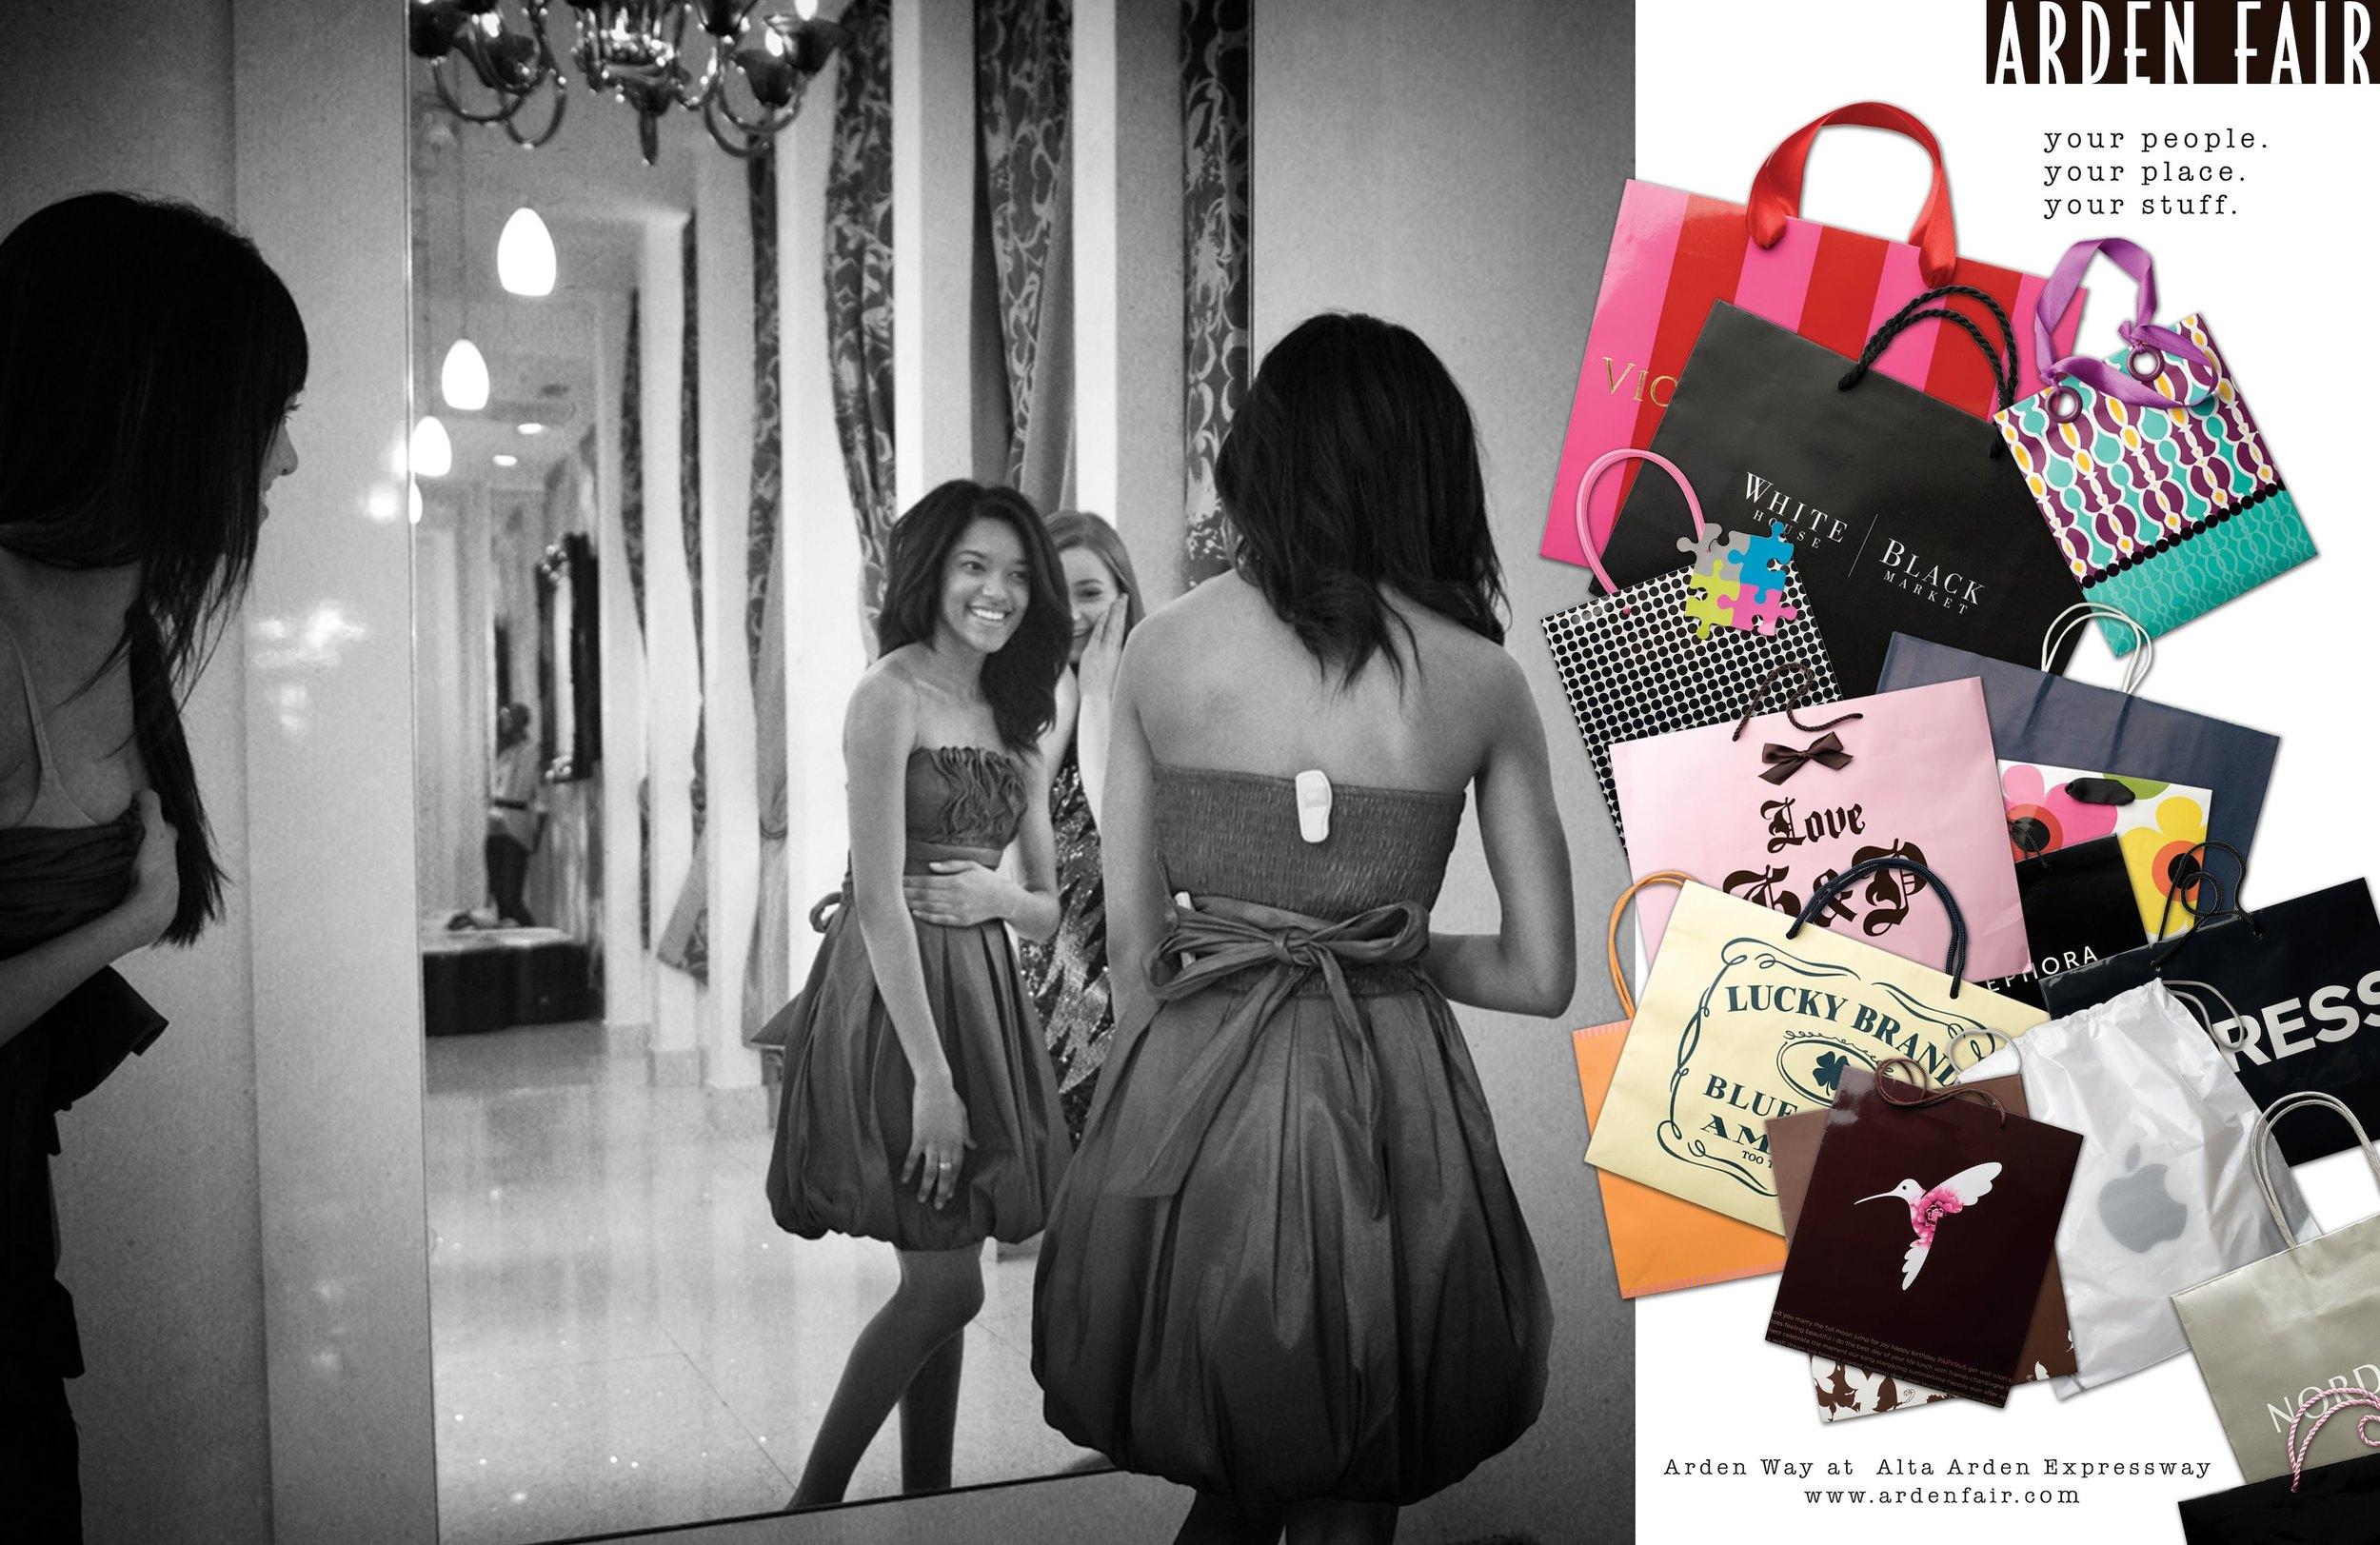 Angela_Dunkle_CreativeDirection_Arden_Fair_DRESSING_ROOM copy.jpg